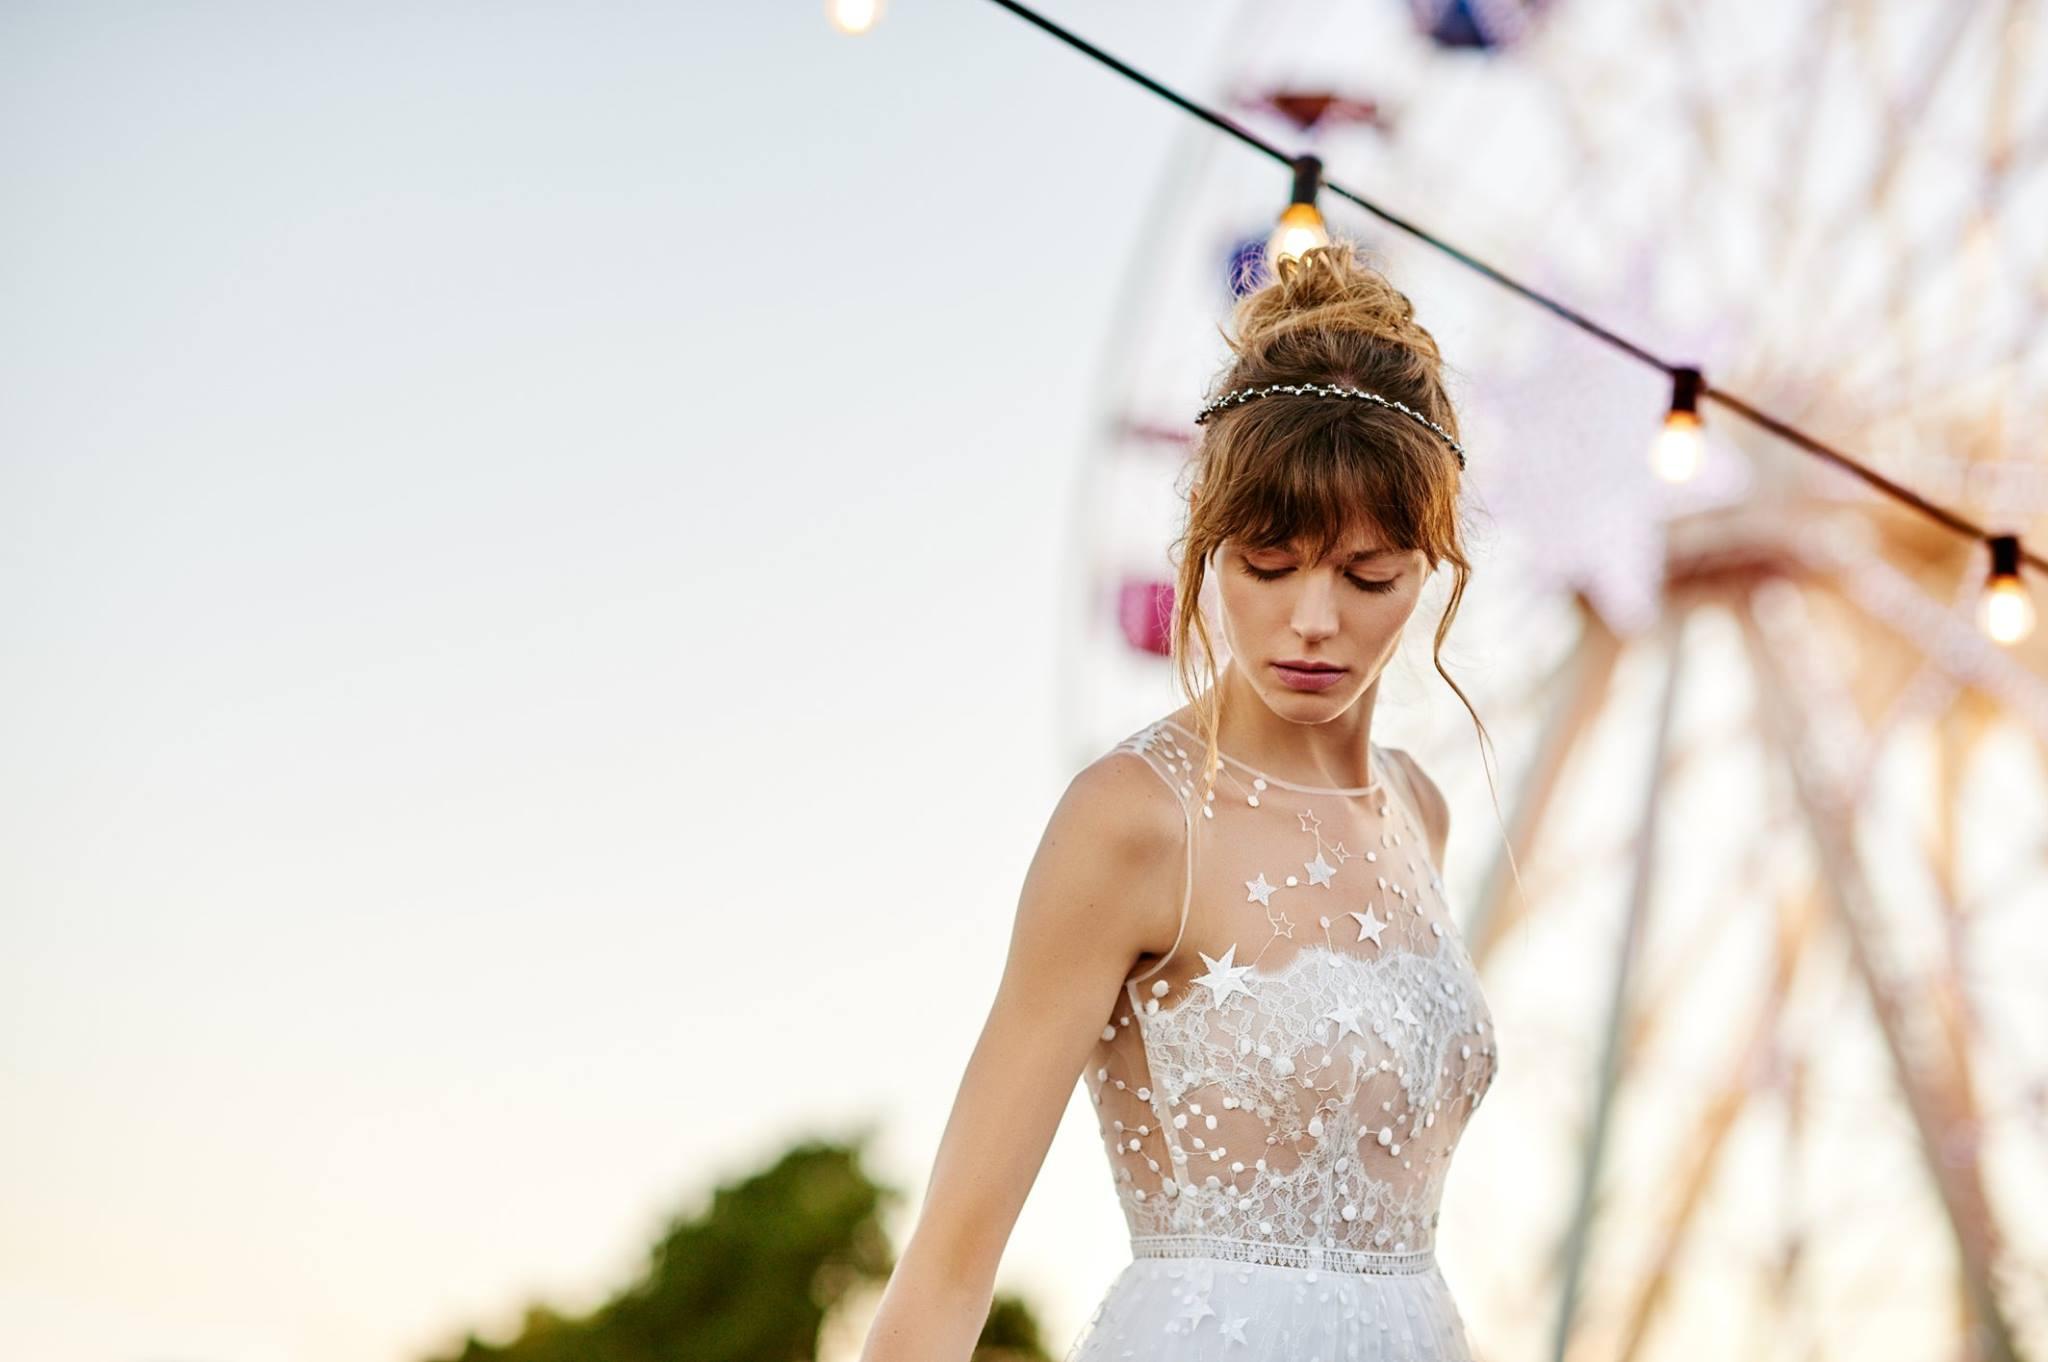 Elbbraut | Exklusive Hochzeitskleider & Brautmode in Hamburg